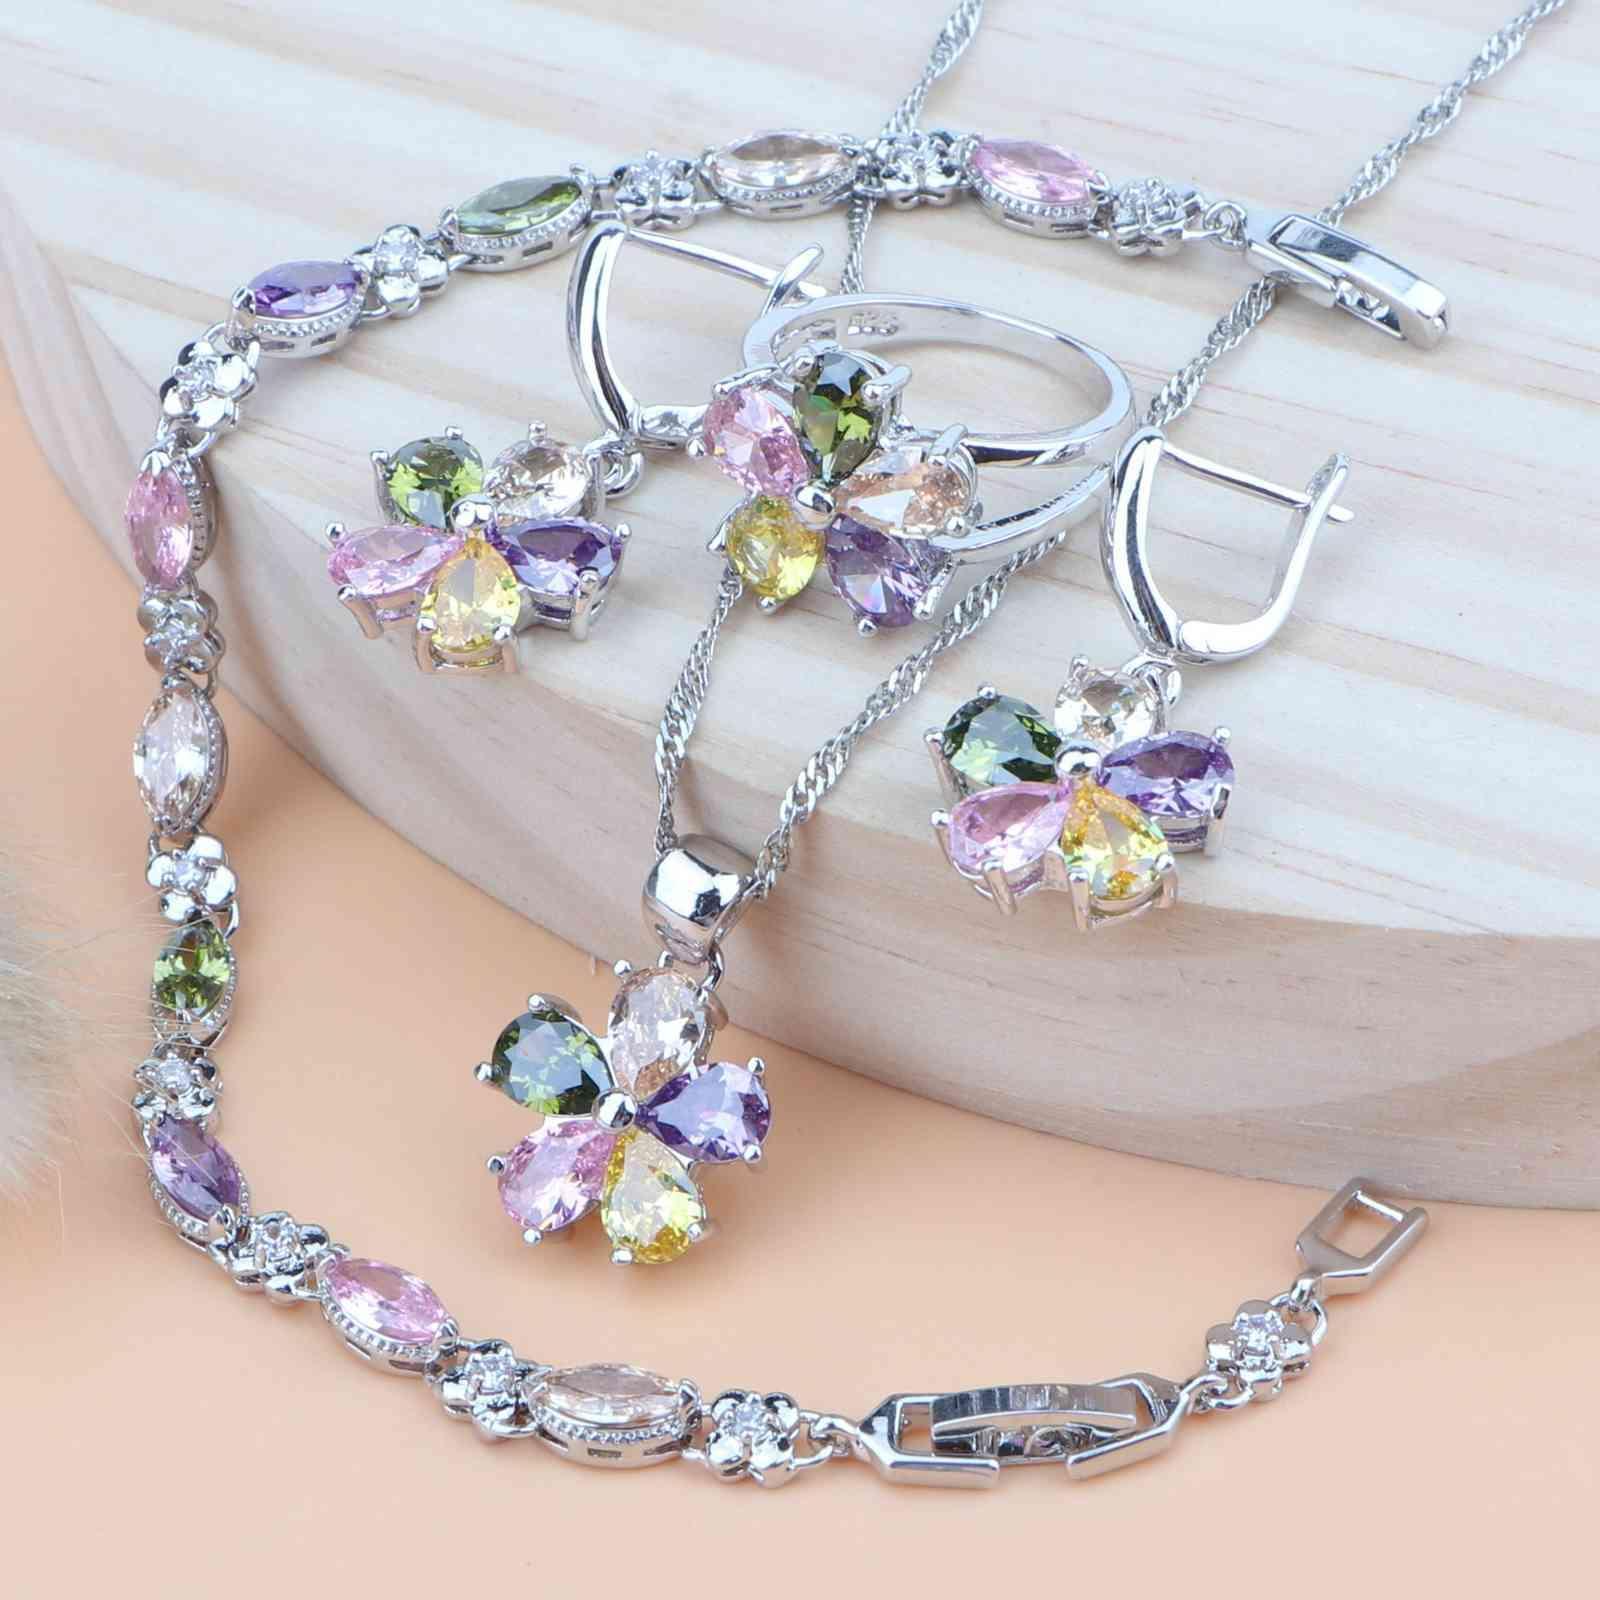 Kadınlar Takı Setleri Çok Renkli Zirkonya Gümüş 925 Kostüm Mücevherat Düğün Hediyesi Kolye Seti Bilezik / Yüzükler / Küpe / Kolye